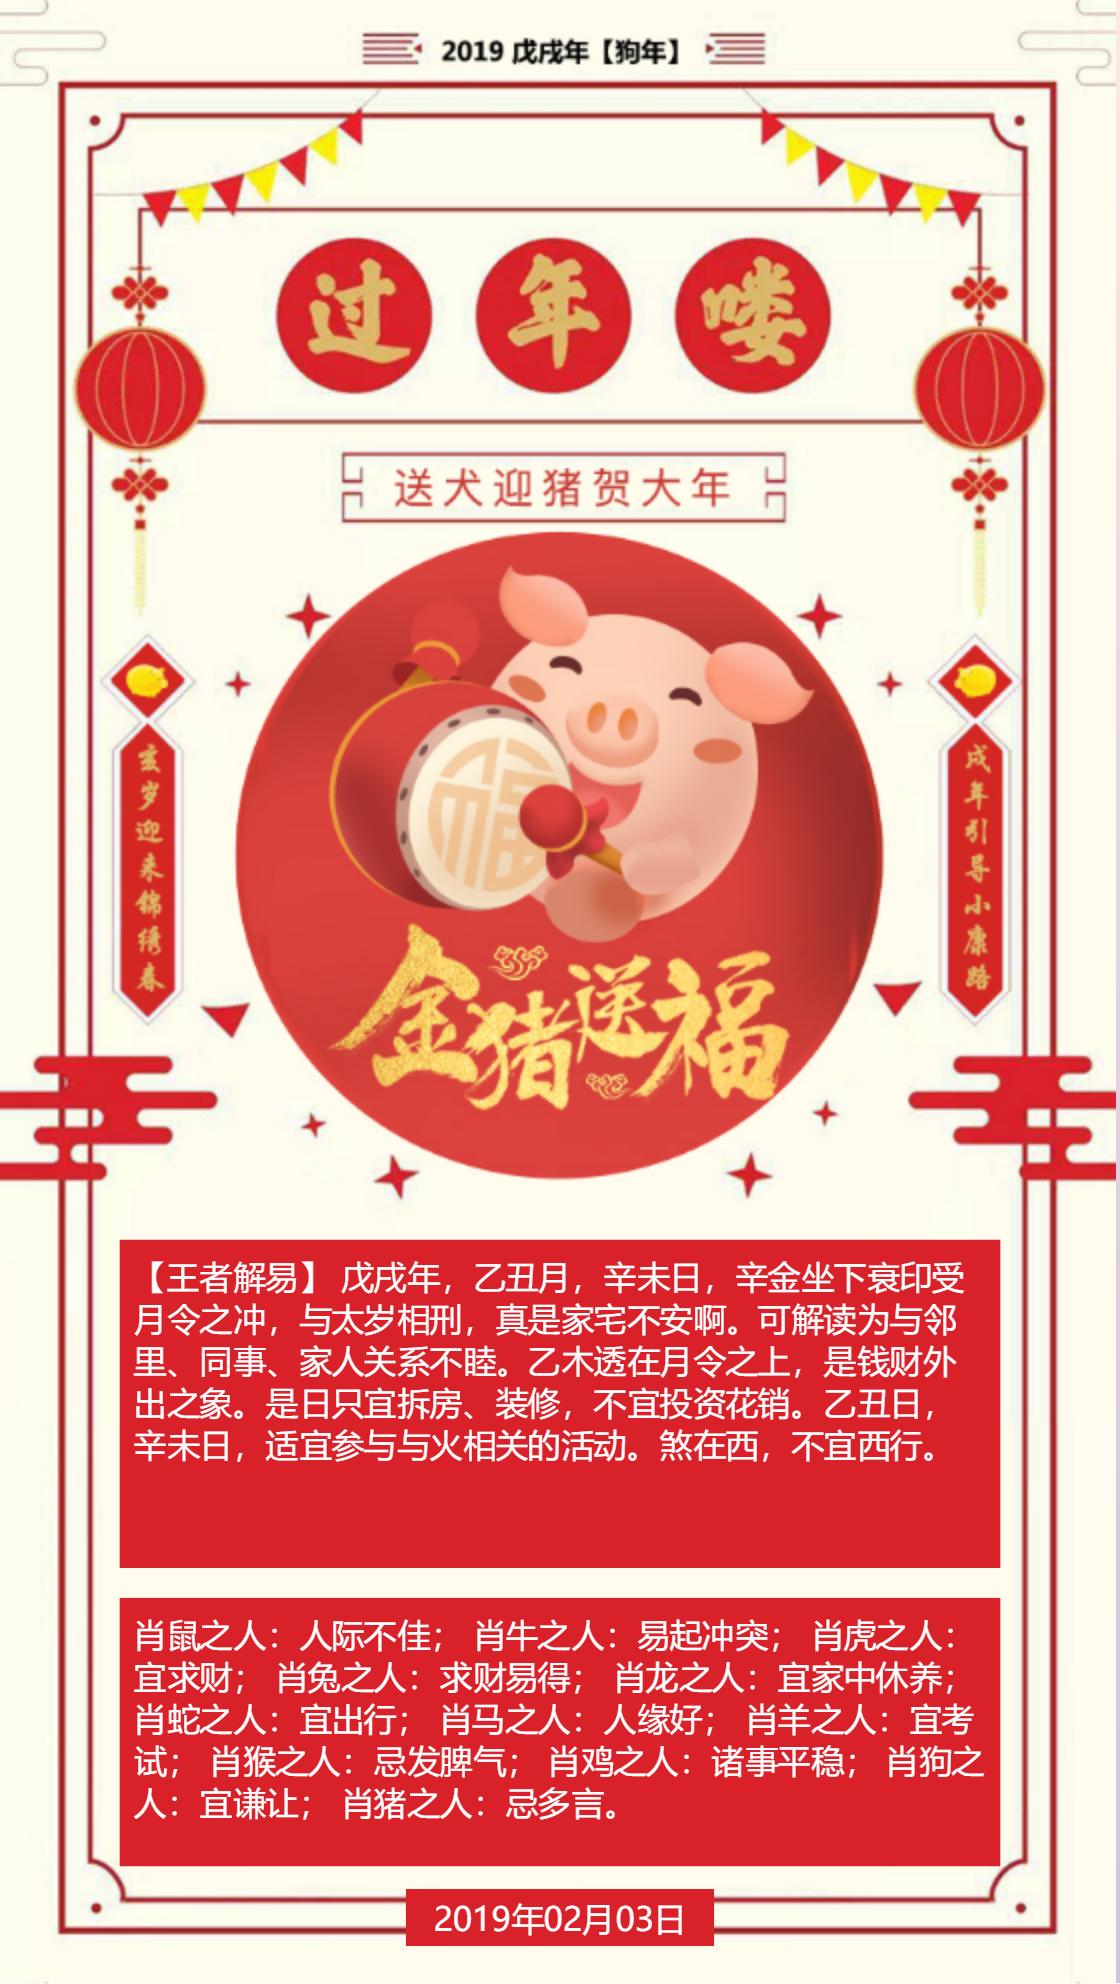 黄历海报20190203.png